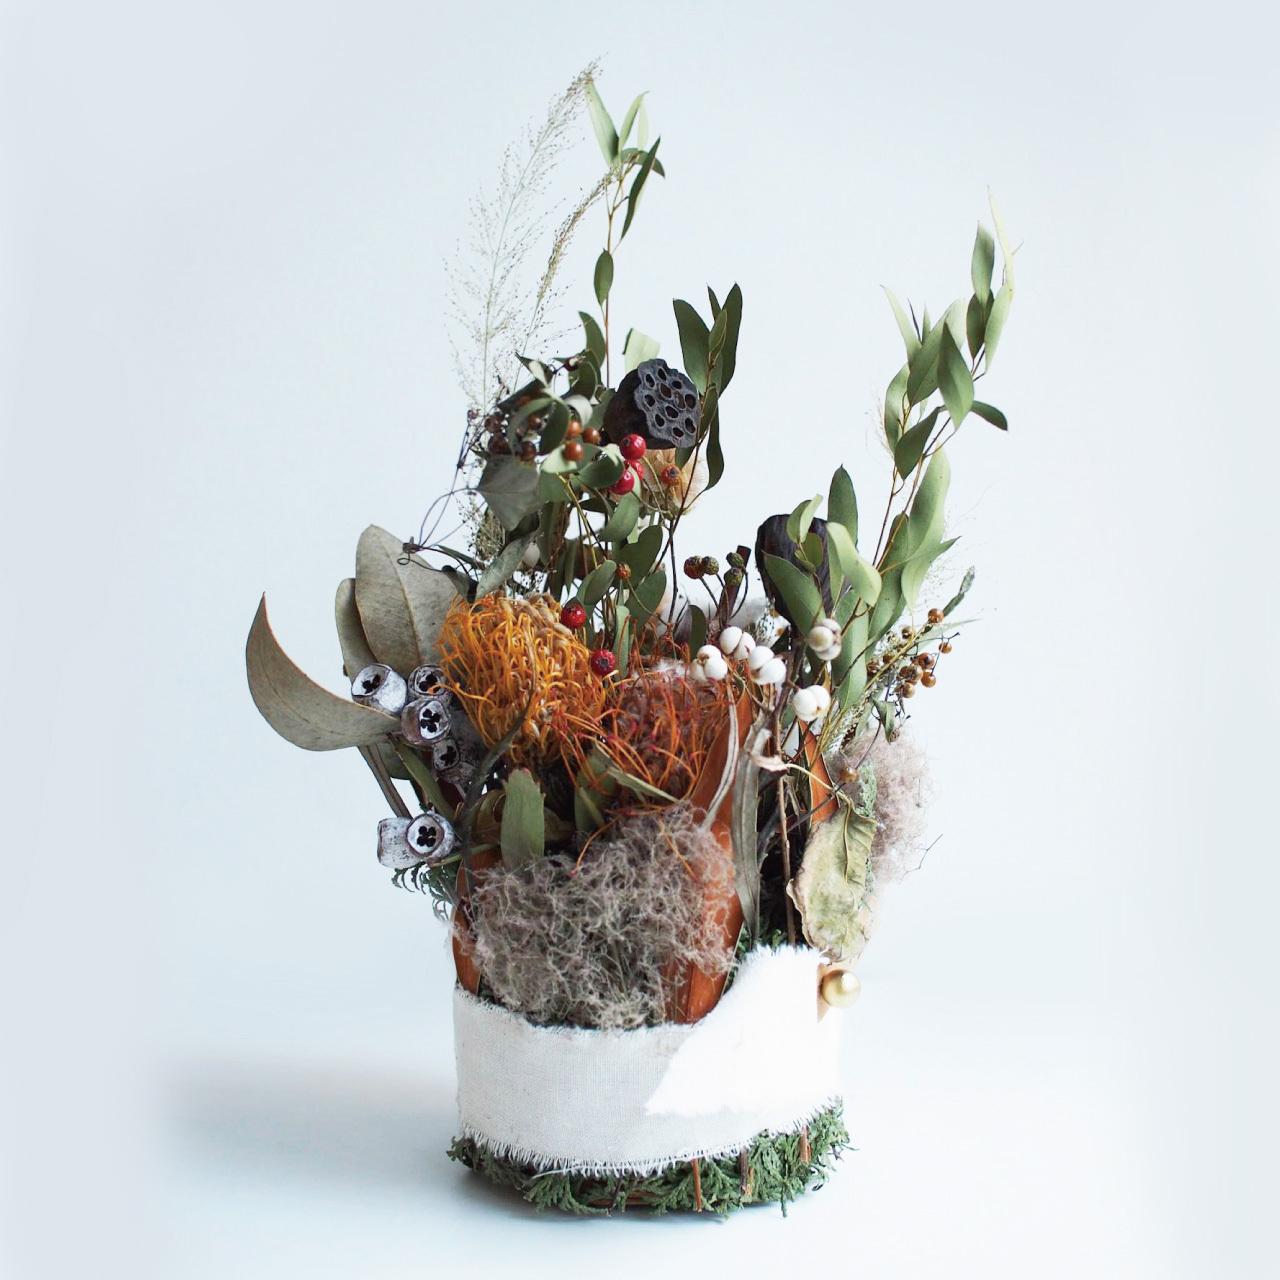 六花rocca 「ドライフラワーアレンジメント 冬の森」